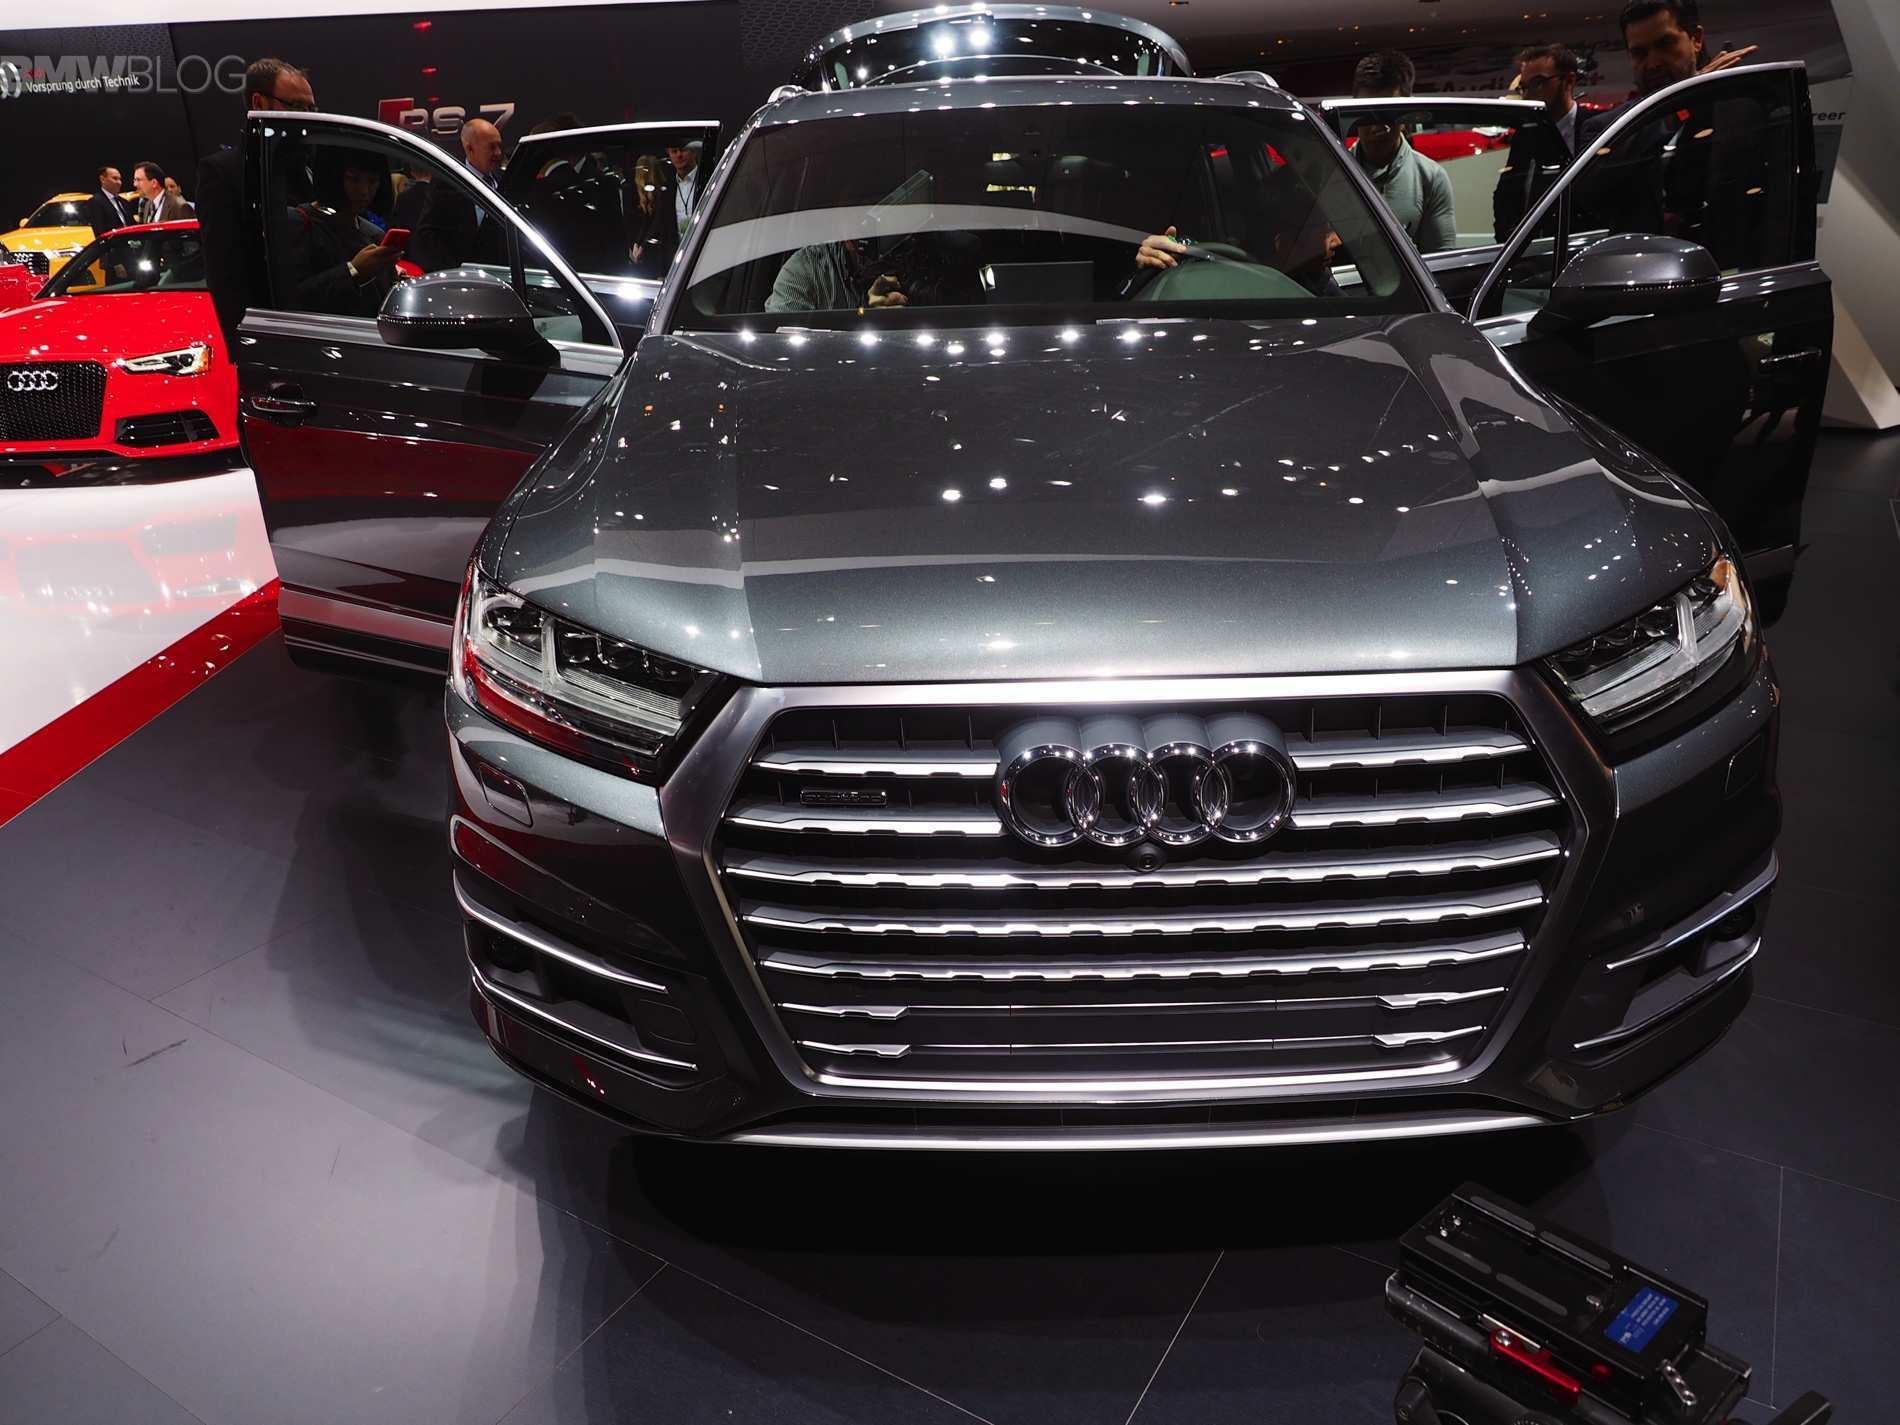 84 New Audi Vorsprung 2020 Speed Test by Audi Vorsprung 2020